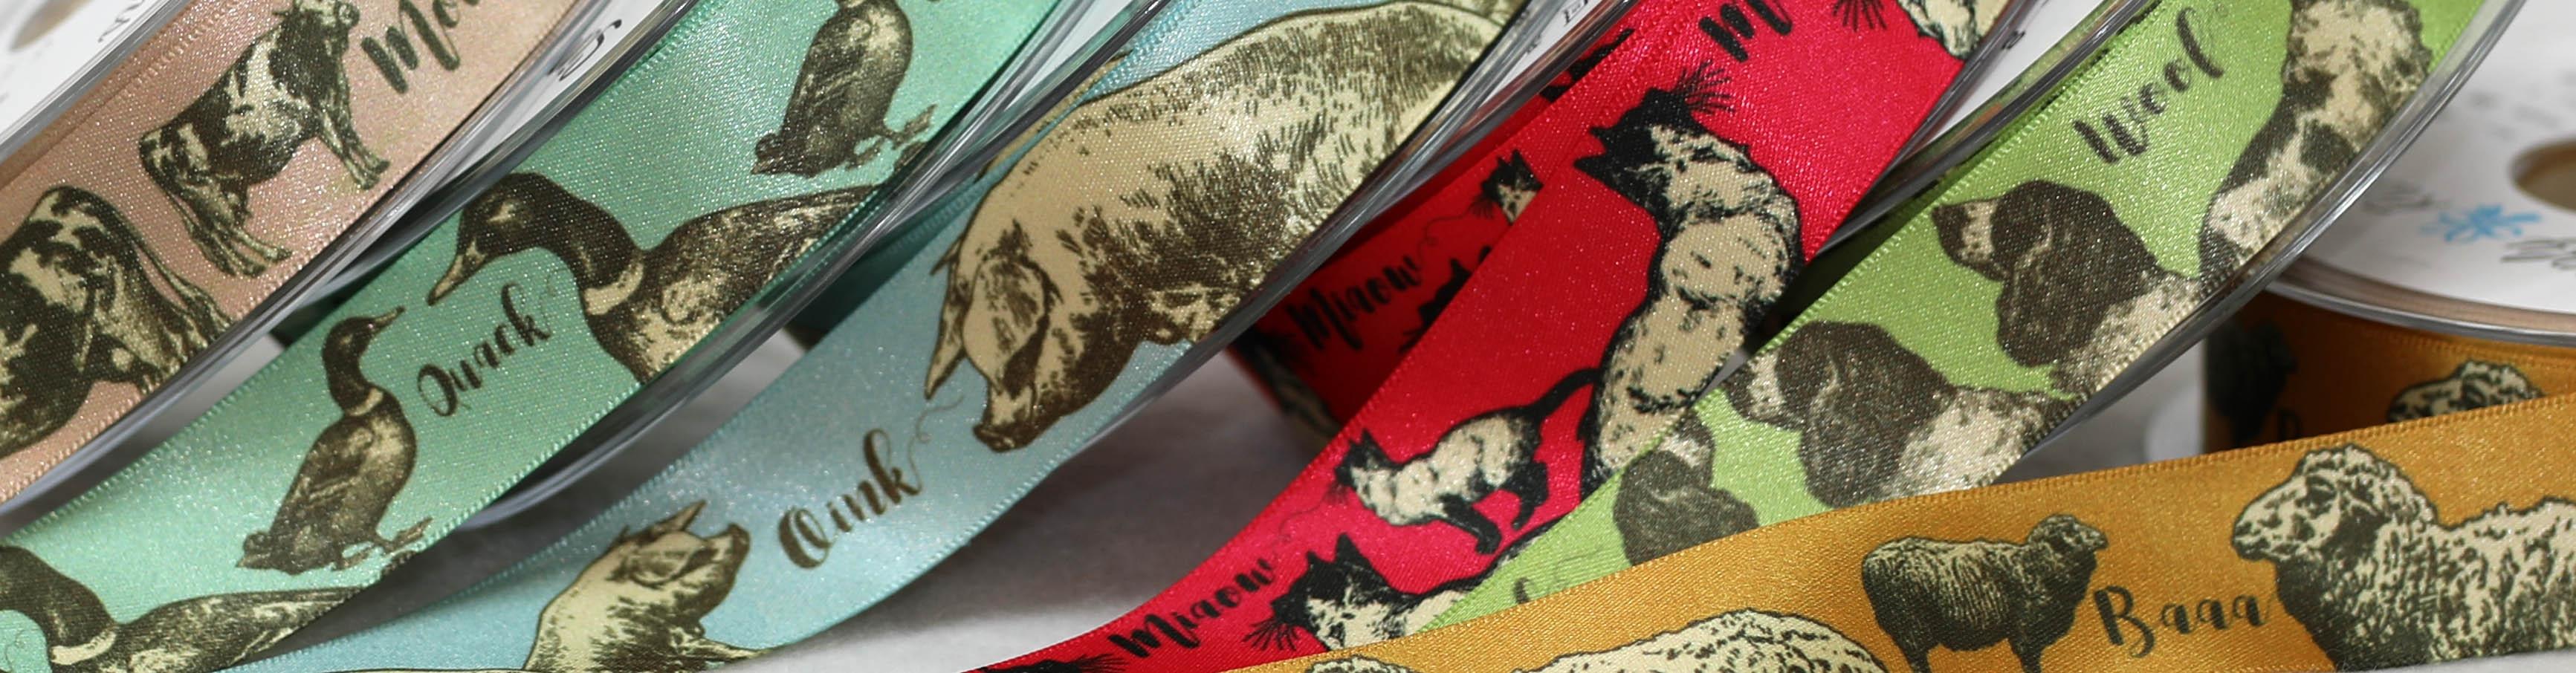 animal themed ribbons